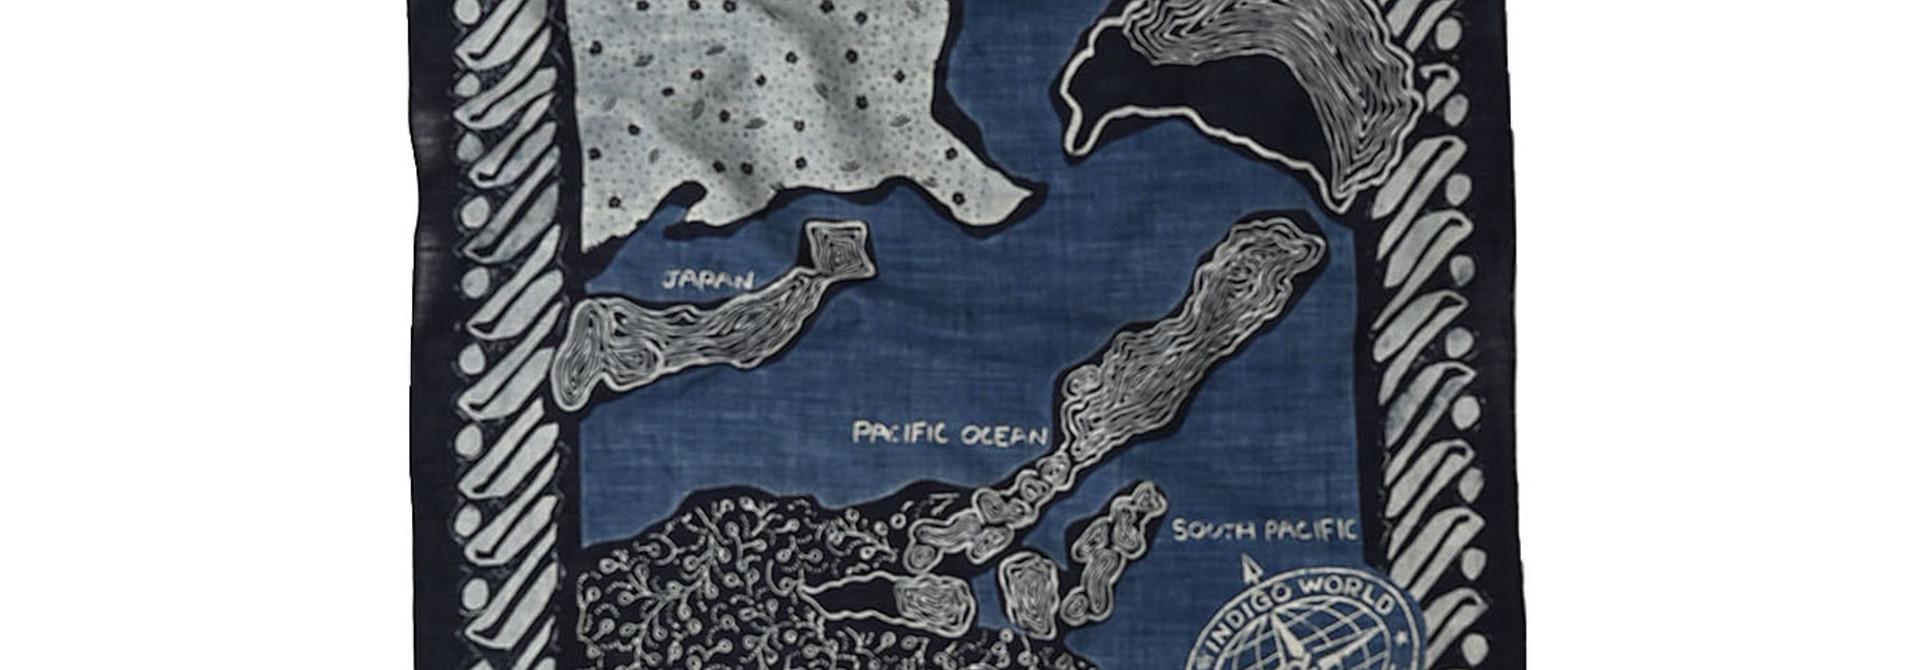 Indigo Selvage Map Bandana (0721)